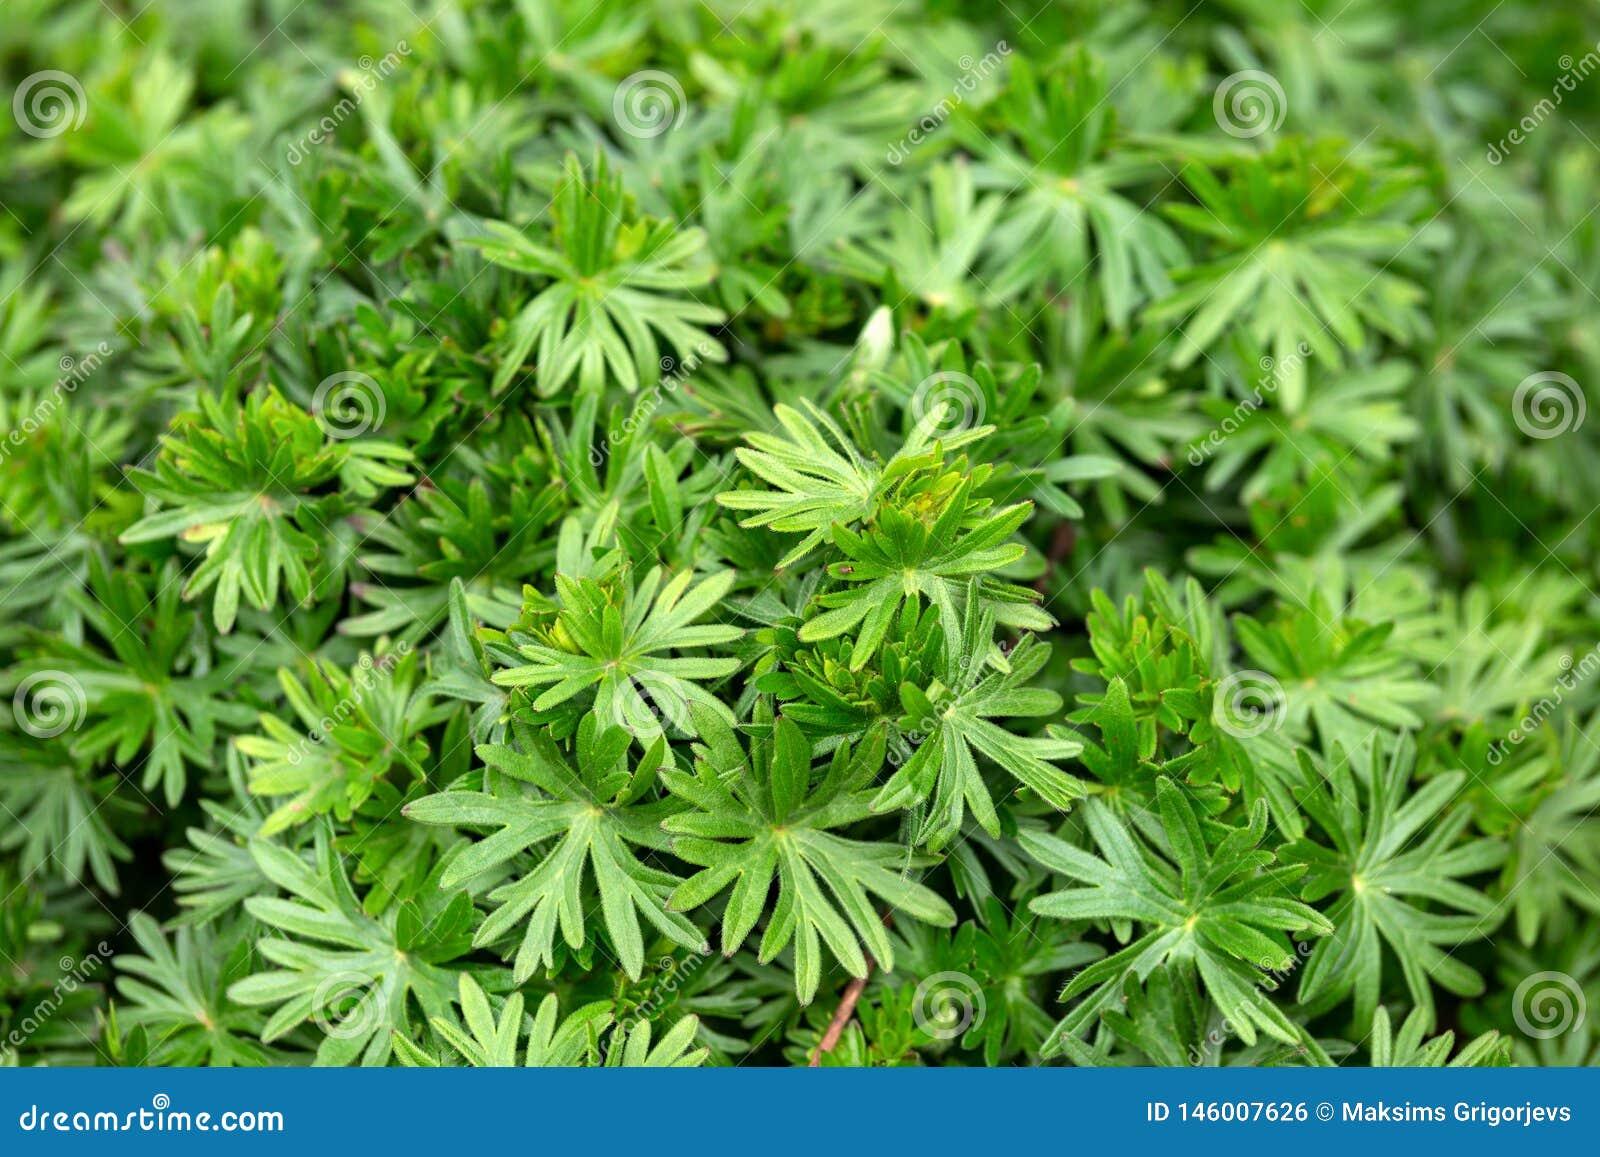 Bodziszków liście w wiosna ogródzie, tła pojęcie